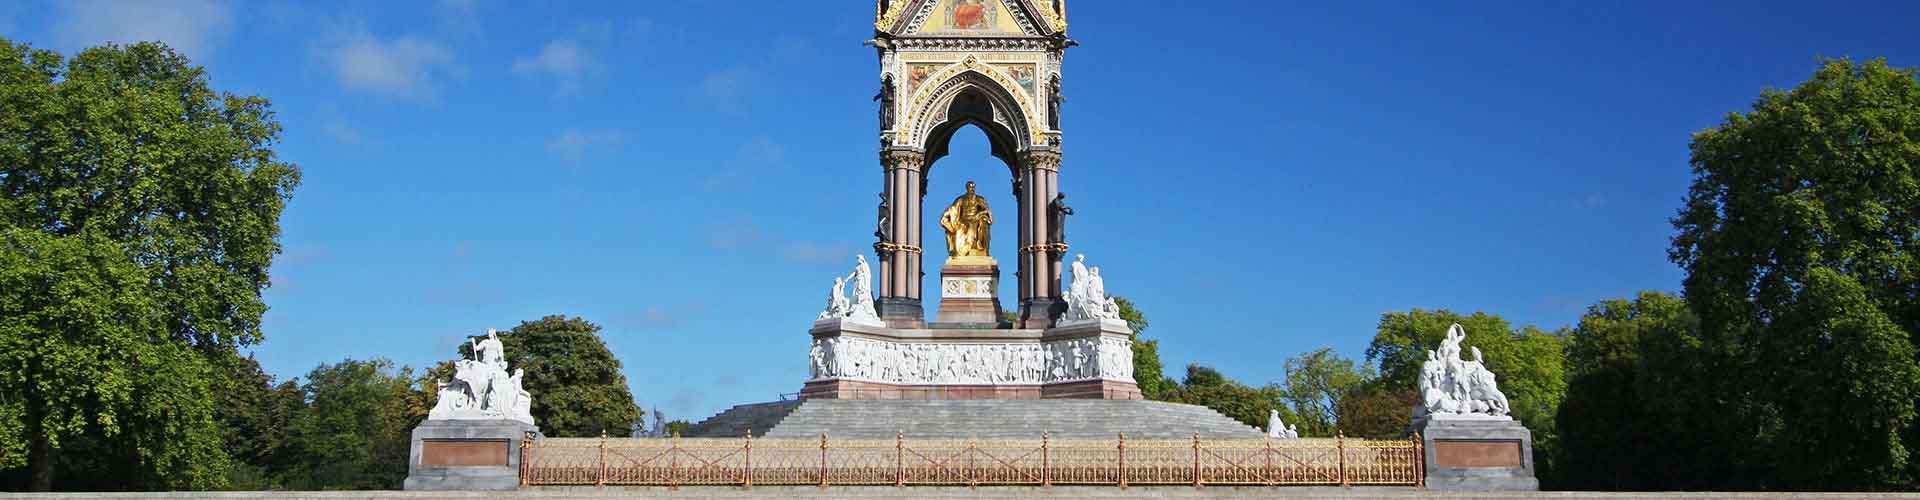 런던 - 앨버트 기념관에 가까운 호텔. 런던의 지도, 런던에 위치한 호텔에 대한 사진 및 리뷰.